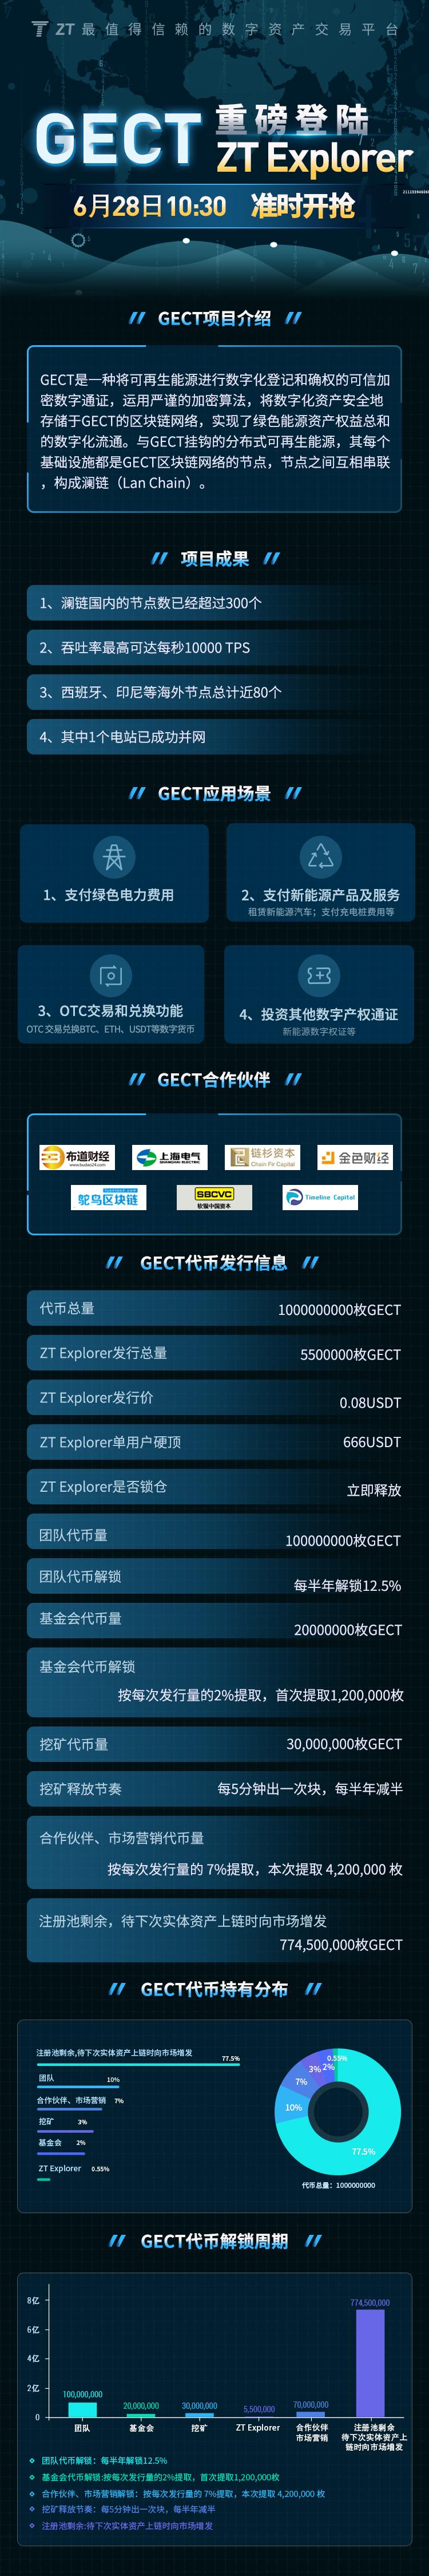 一文详解三期zt explorer gect抢购细则